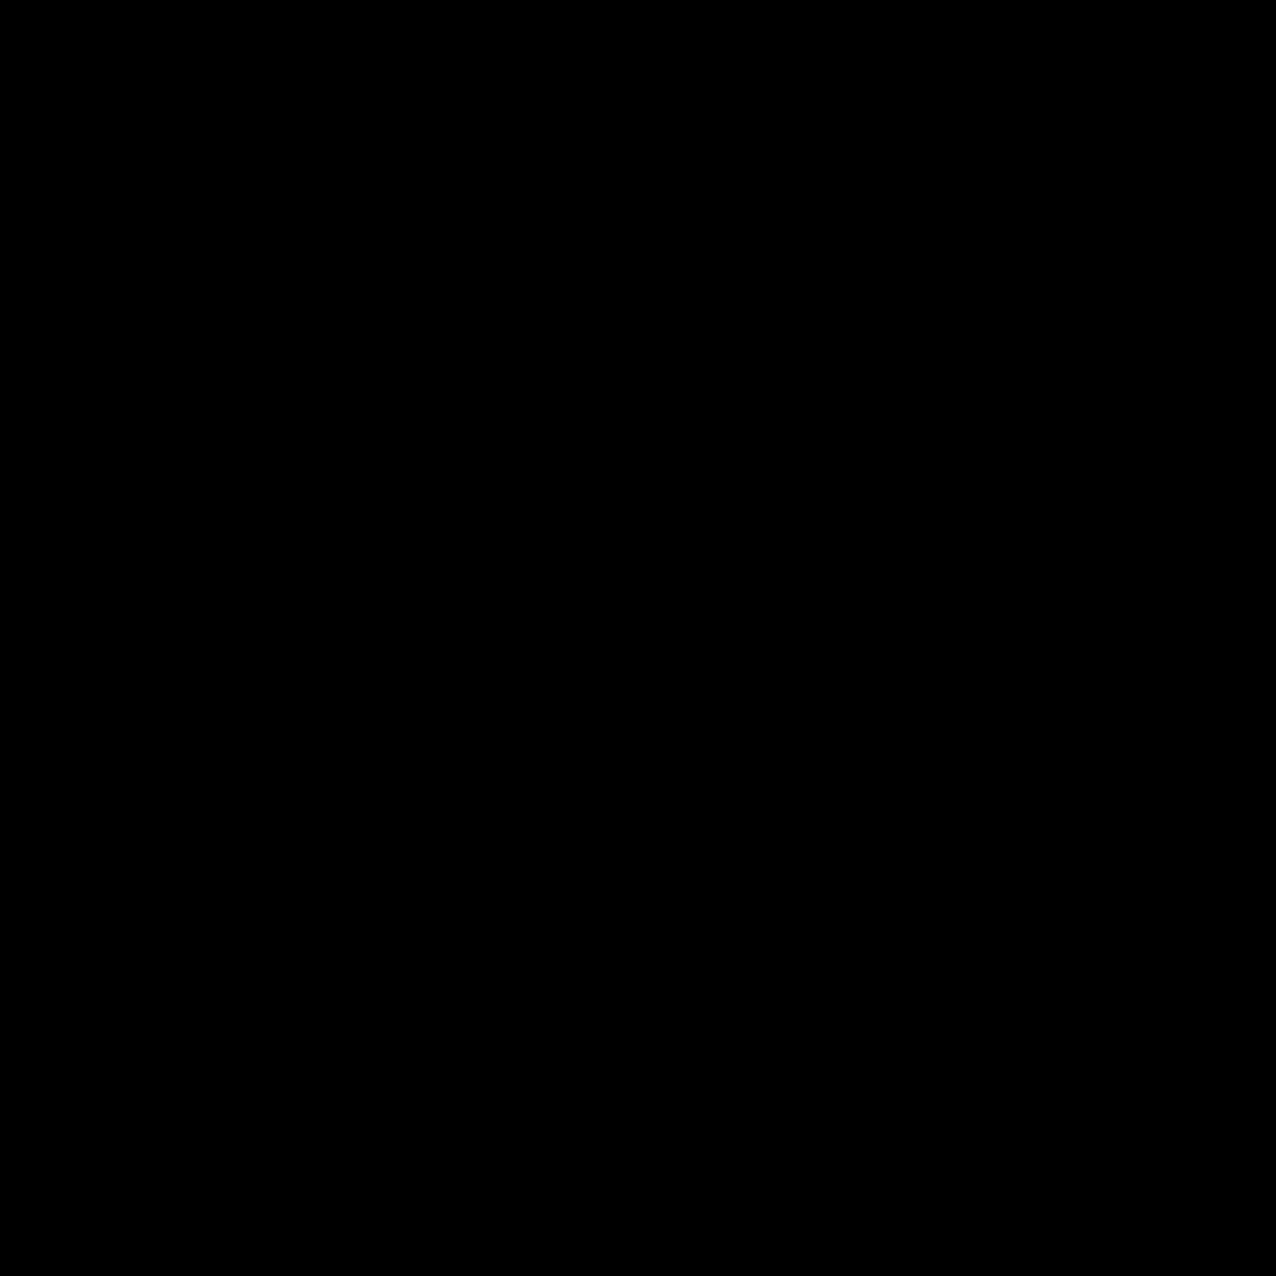 男性のシルエット画像